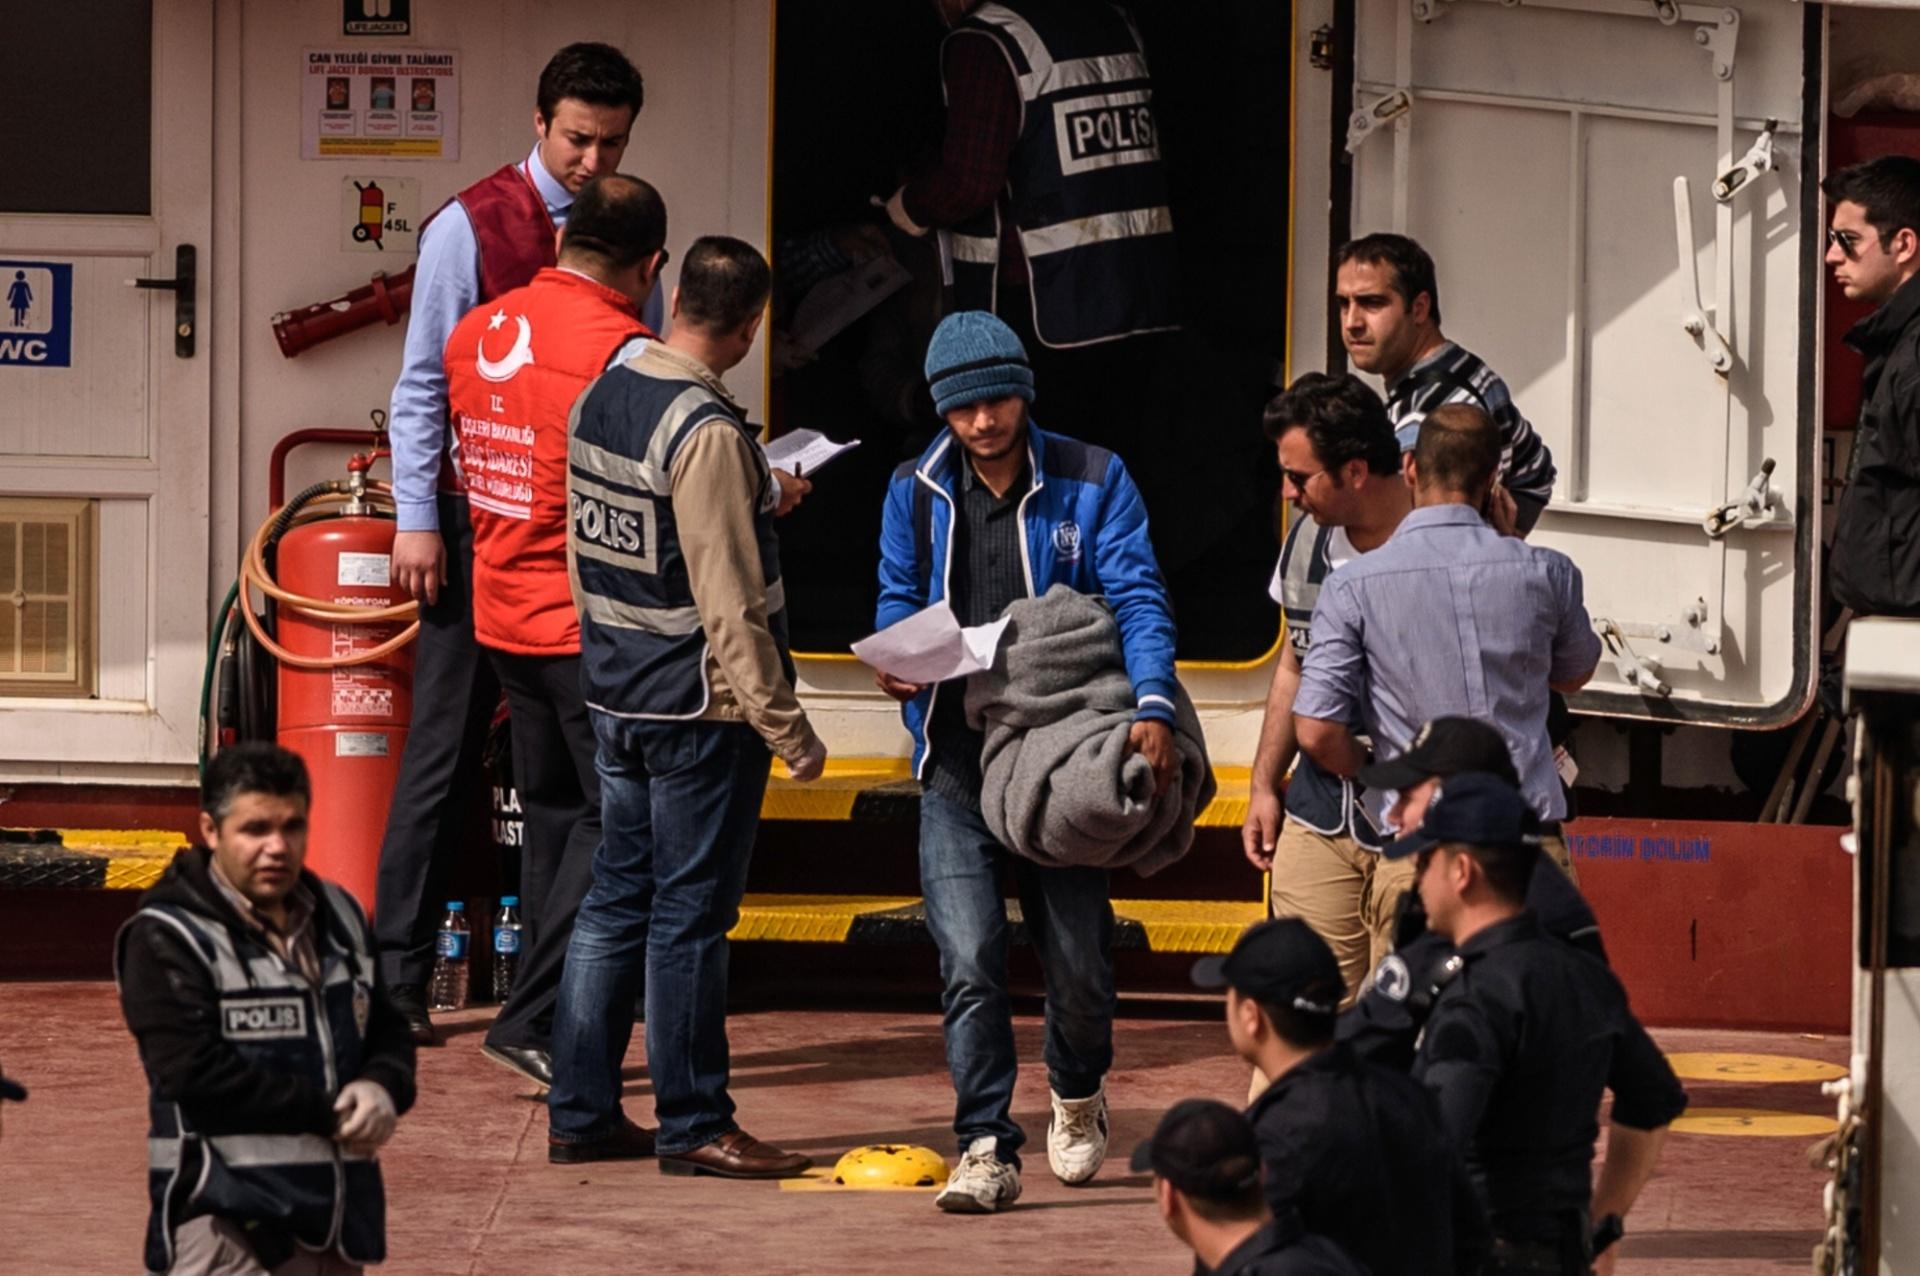 8.abr.2016 - Migrante deixa embarcação após chegar no porto de Dikili, em Izmir, na Turquia. O governo da Grécia retomou a deportação de refugiados de seu território, que estava suspensa desde a última segunda-feira (4), e iniciou a